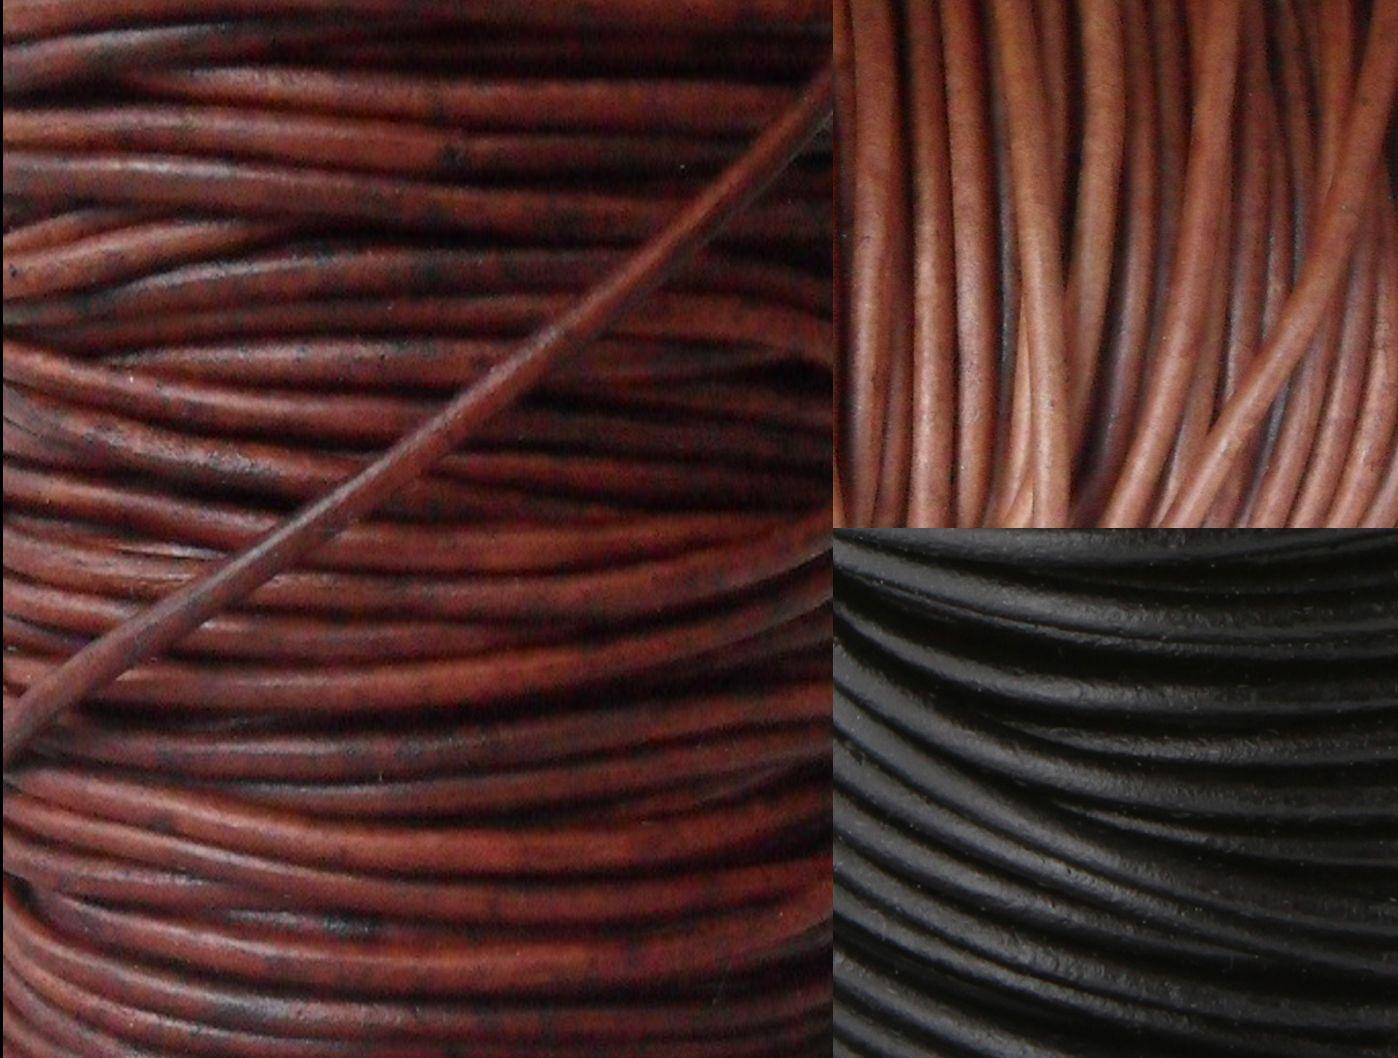 PREMIUM Lederbänder rund Lederband - Ø 1 / 1,5 / 2 / 2,5 / 3 / 4 / 5 mm